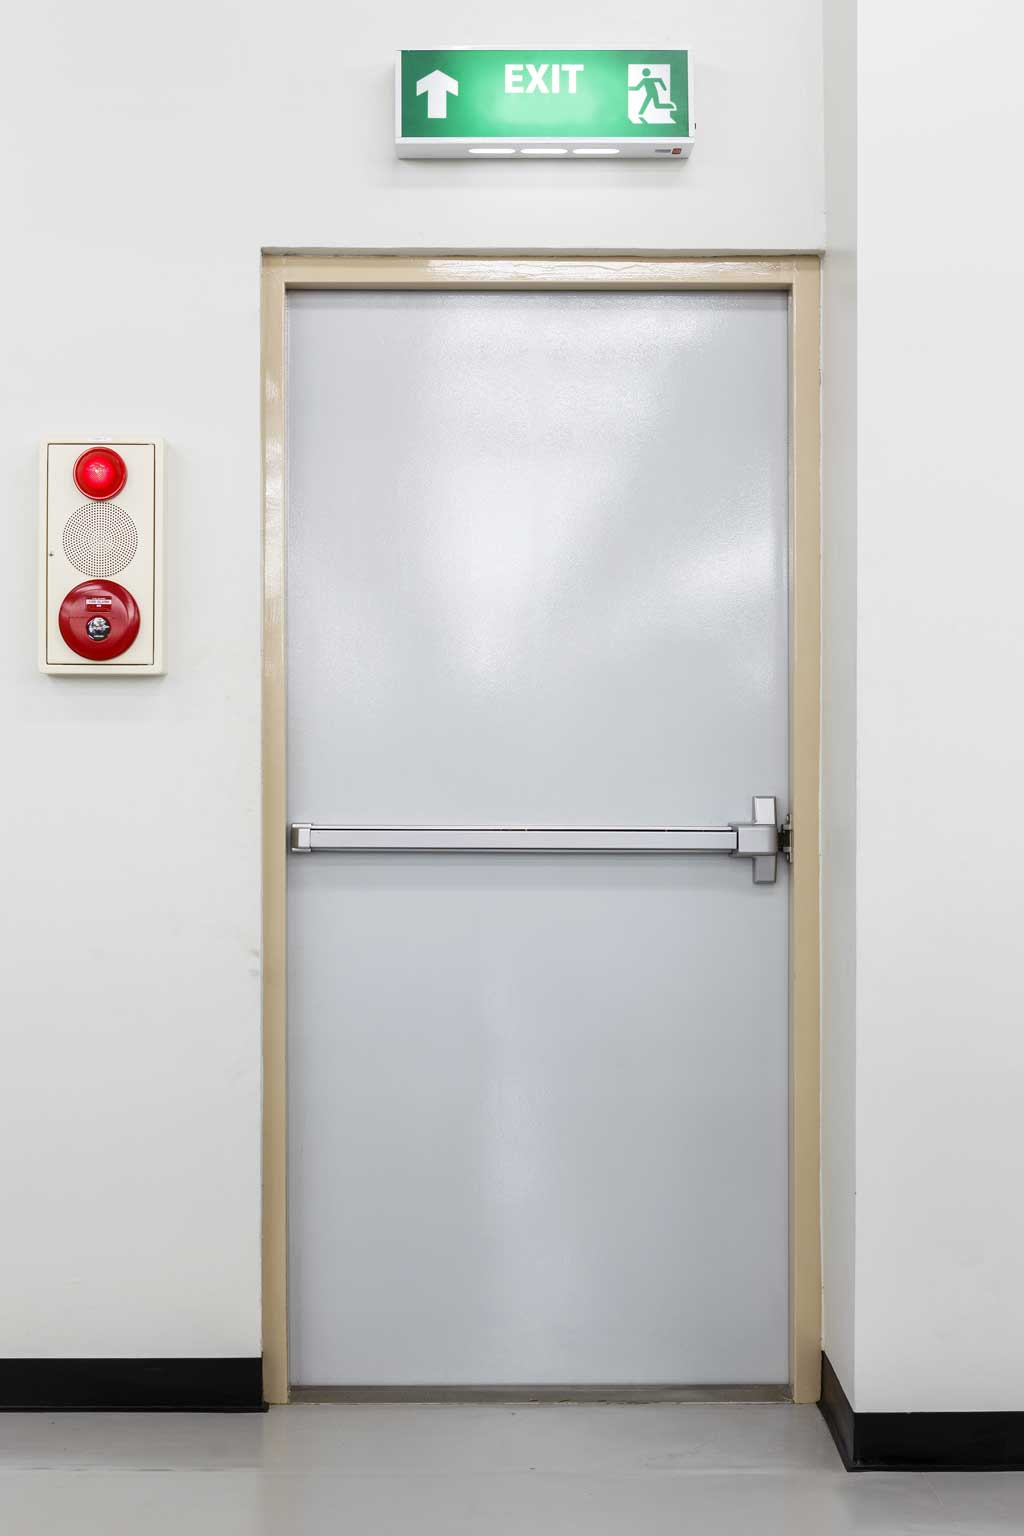 Panic Bar Doors